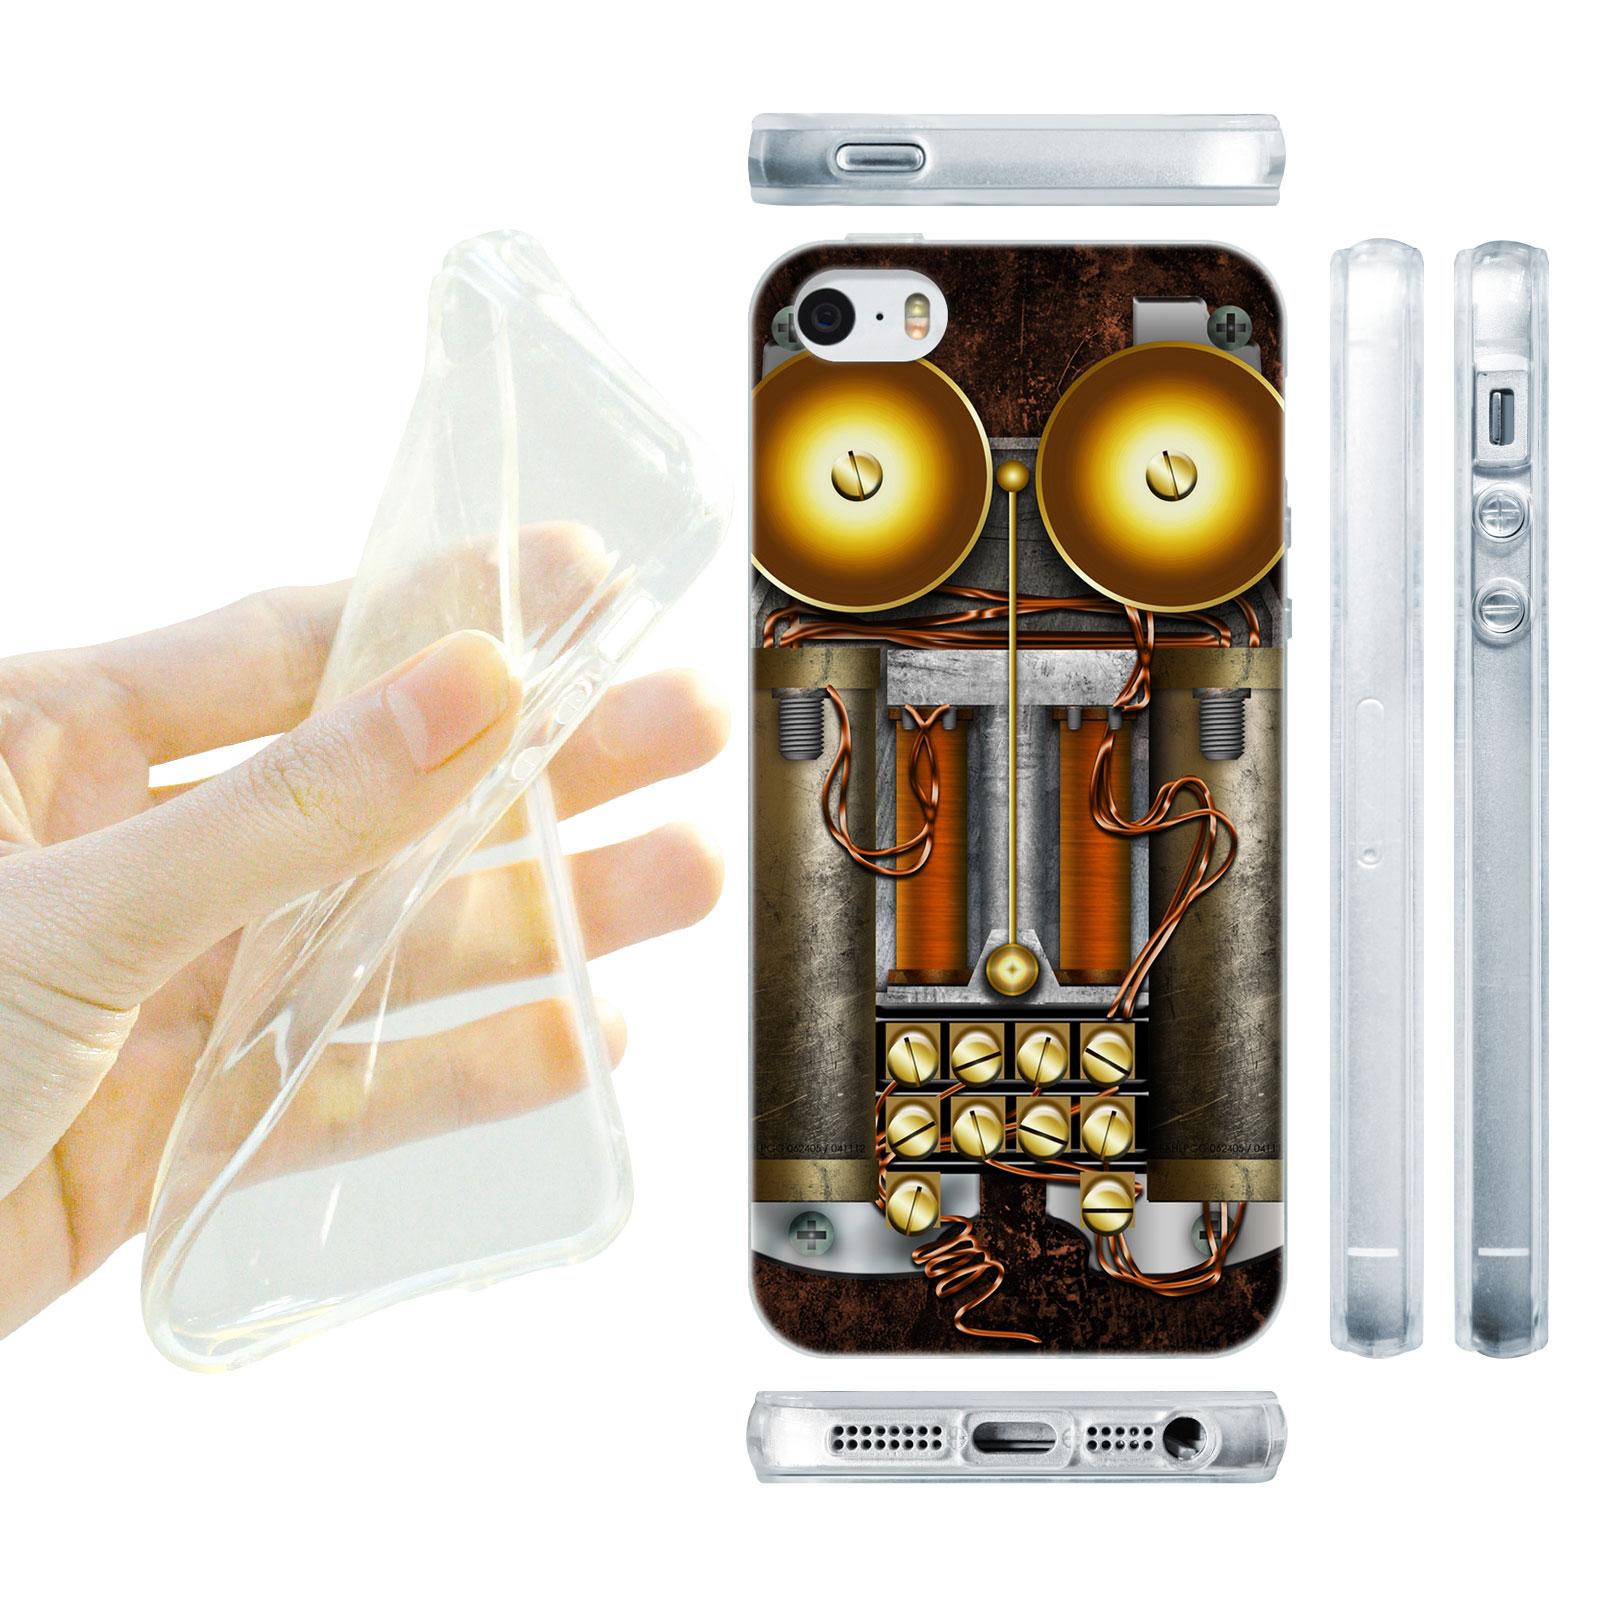 HEAD CASE silikonový obal na mobil Iphone 5/5S Vzor starodávný telefón